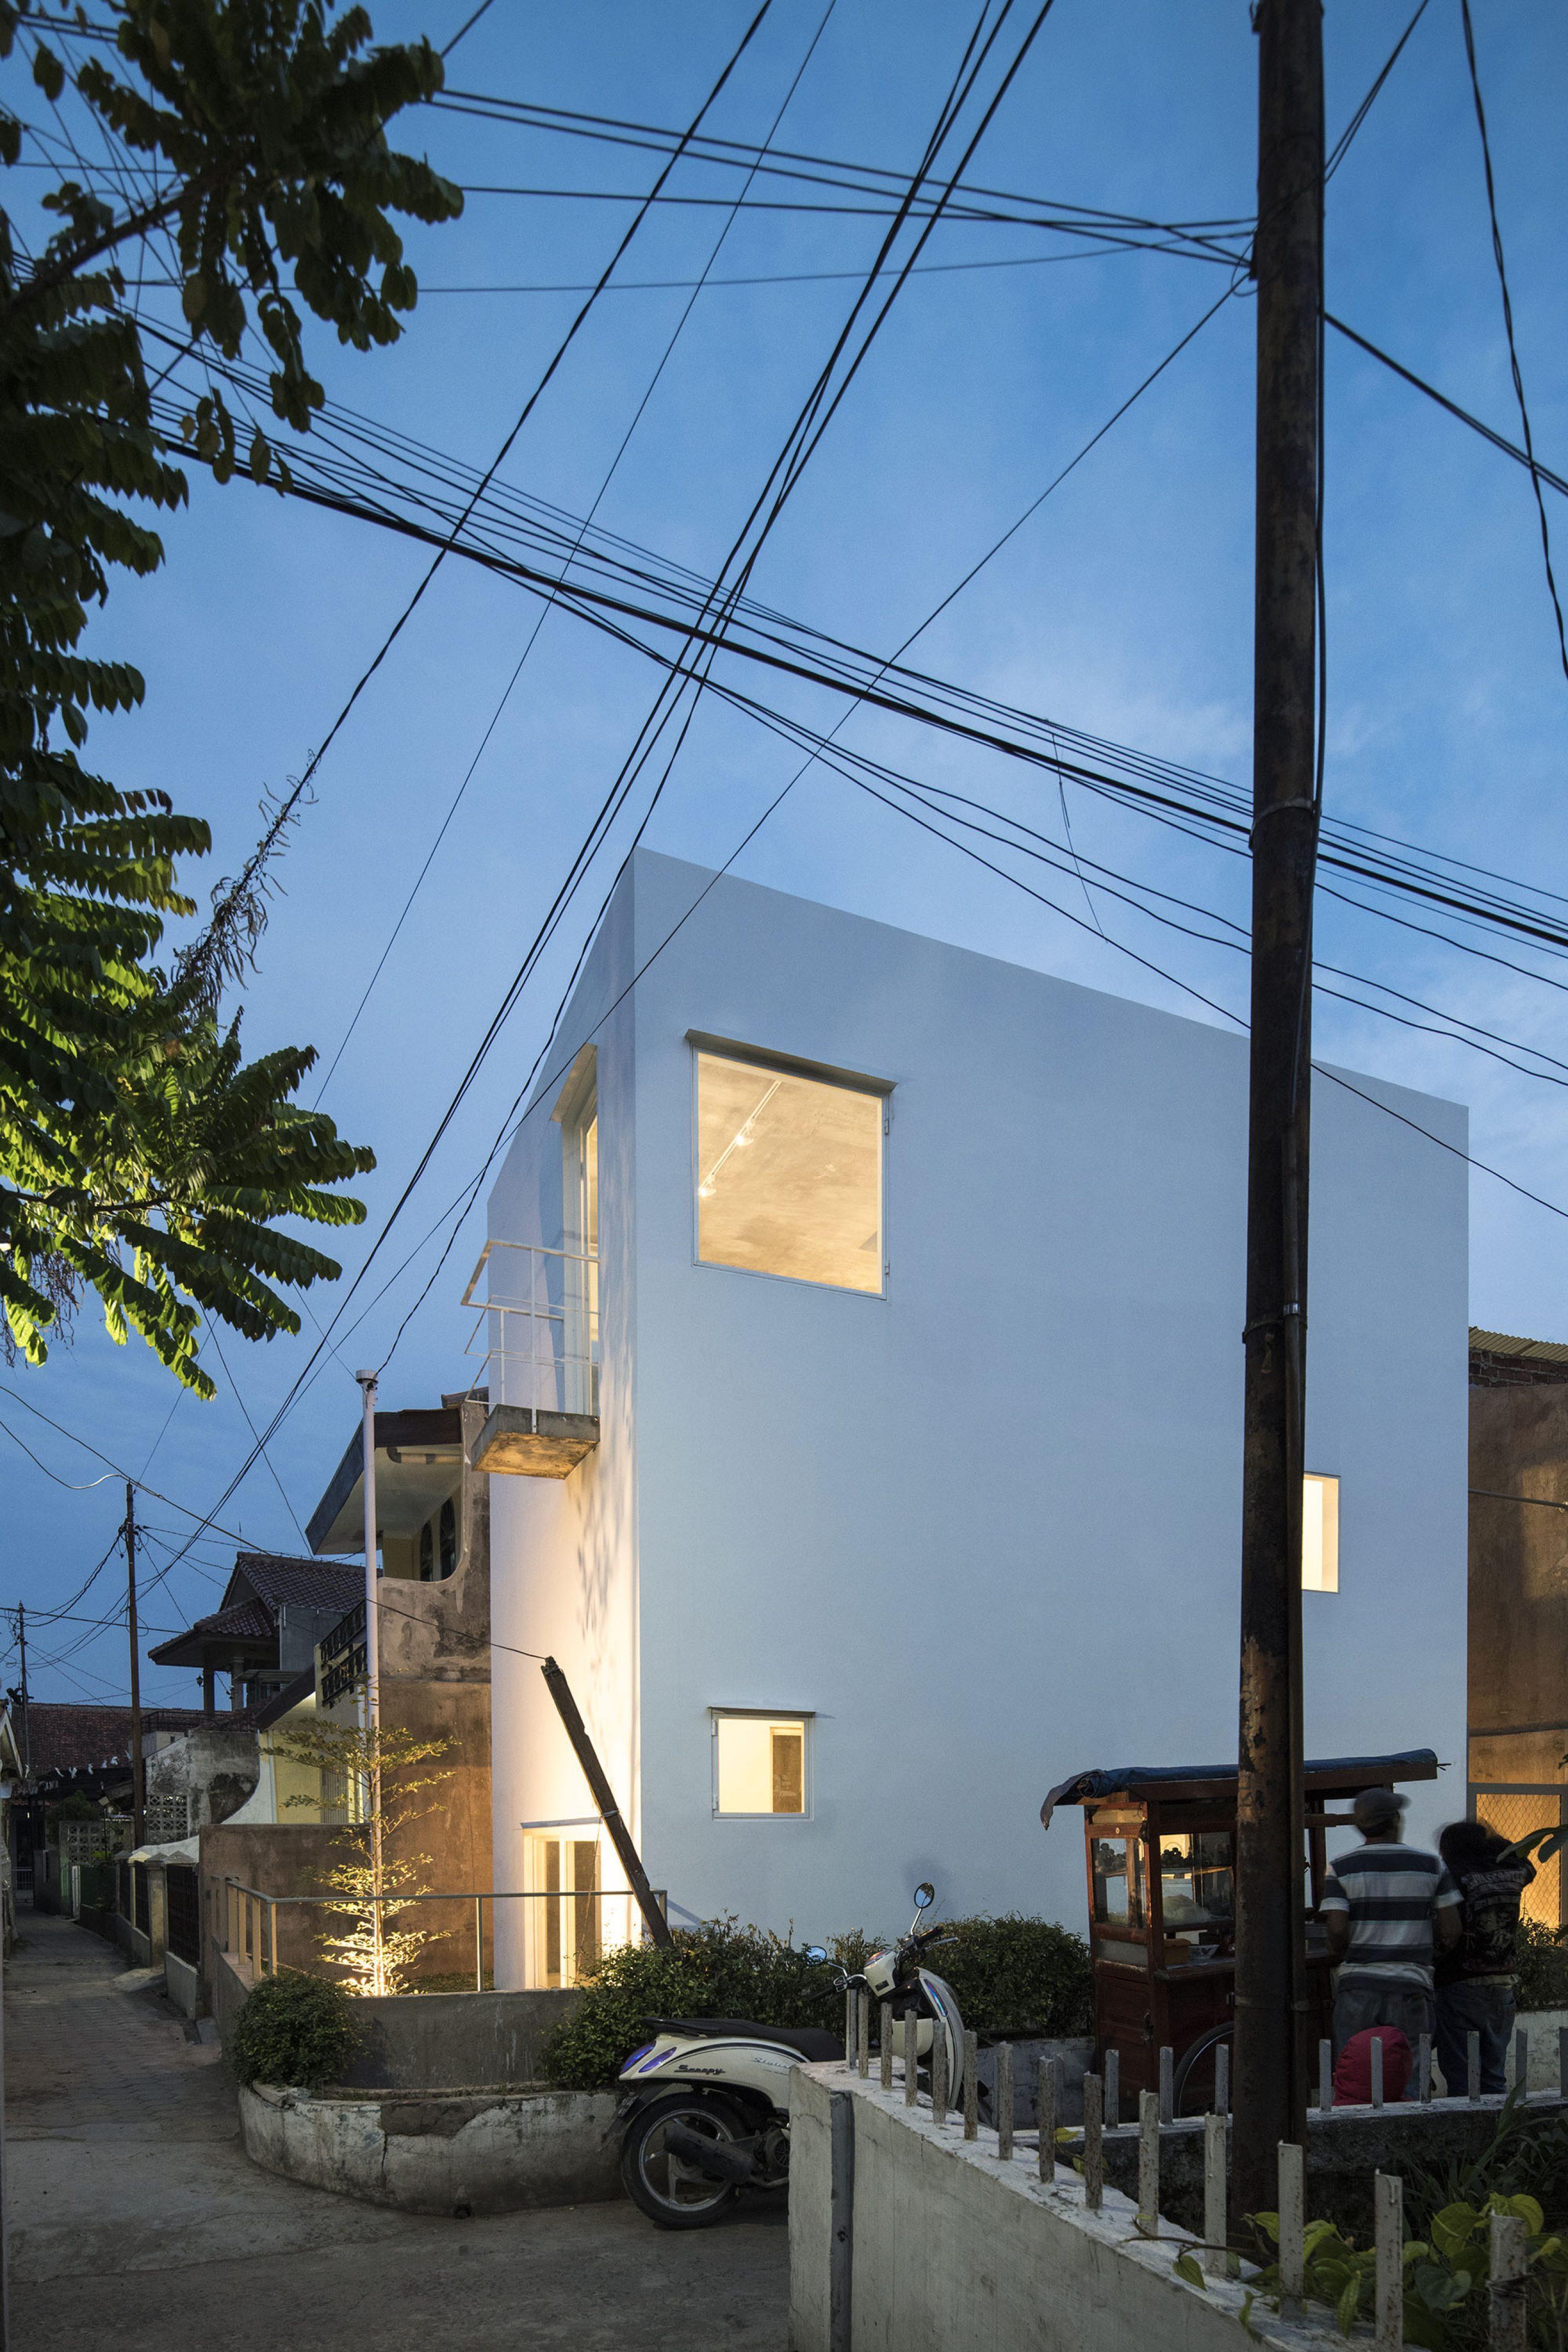 IGNANT-Architecture-Dua-Studio-4x6x6-16